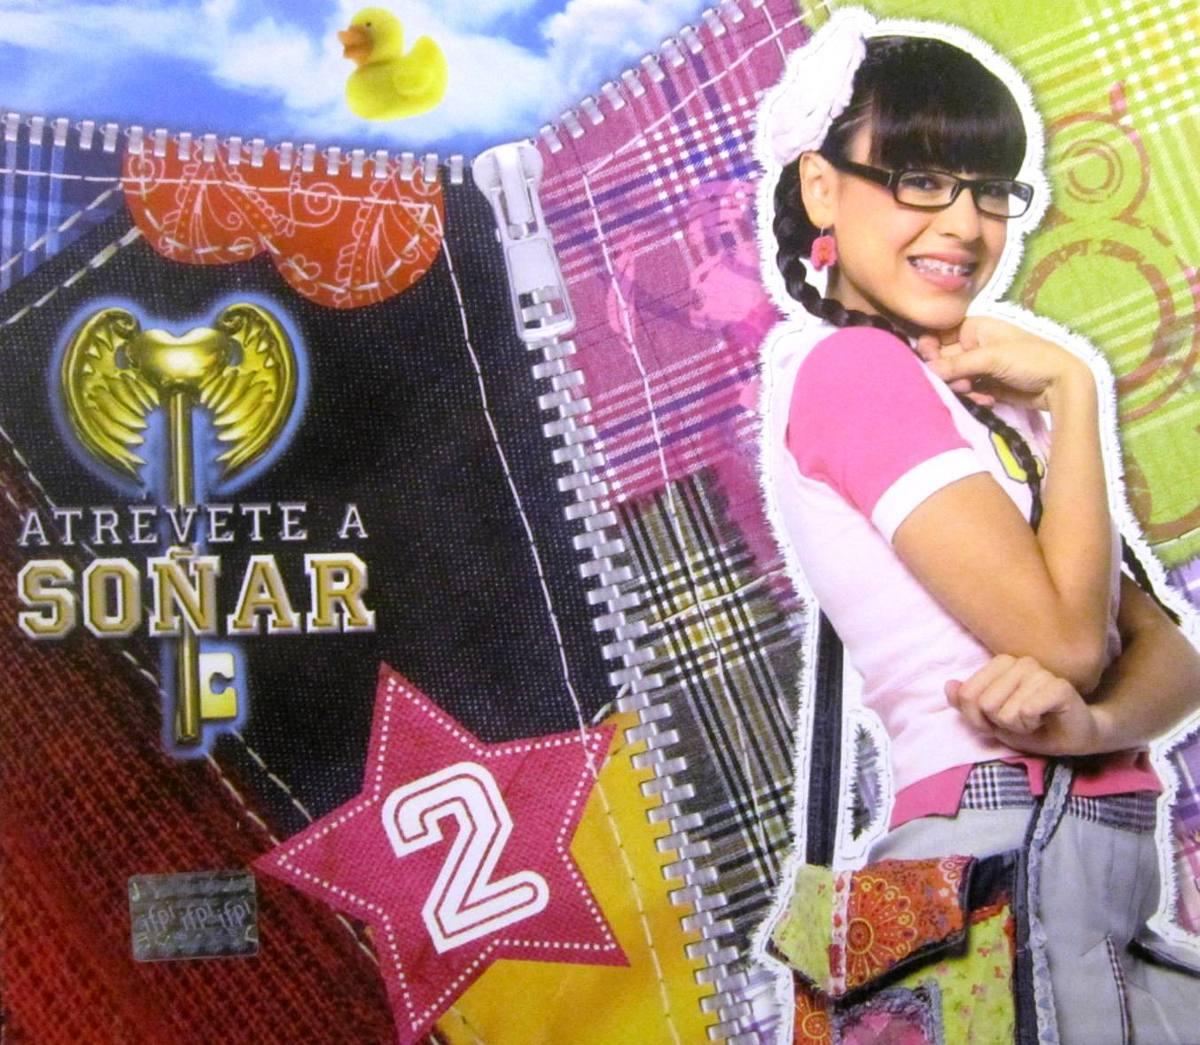 Hot Un Stock >> Danna Paola - Atrevete A Soñar 2 - $ 149.99 en Mercado Libre